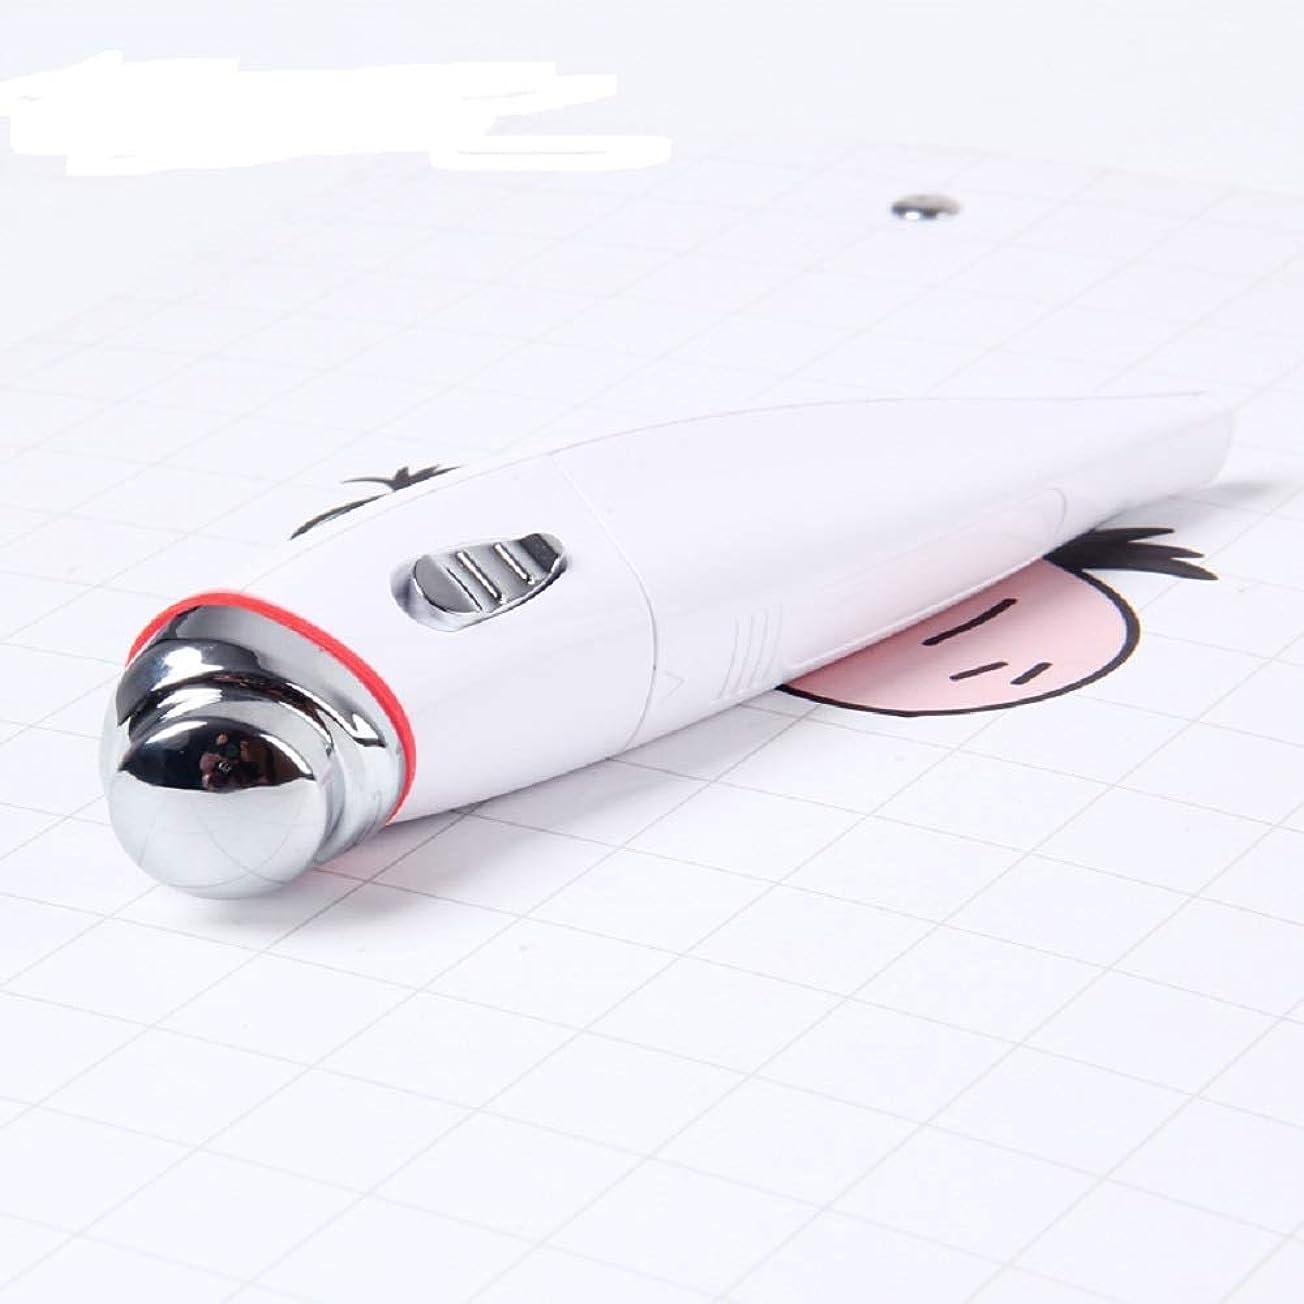 お父さん認めるばかMeet now 振動マッサージ電動アイマッサージャー、振動マッサージ美容器具 品質保証